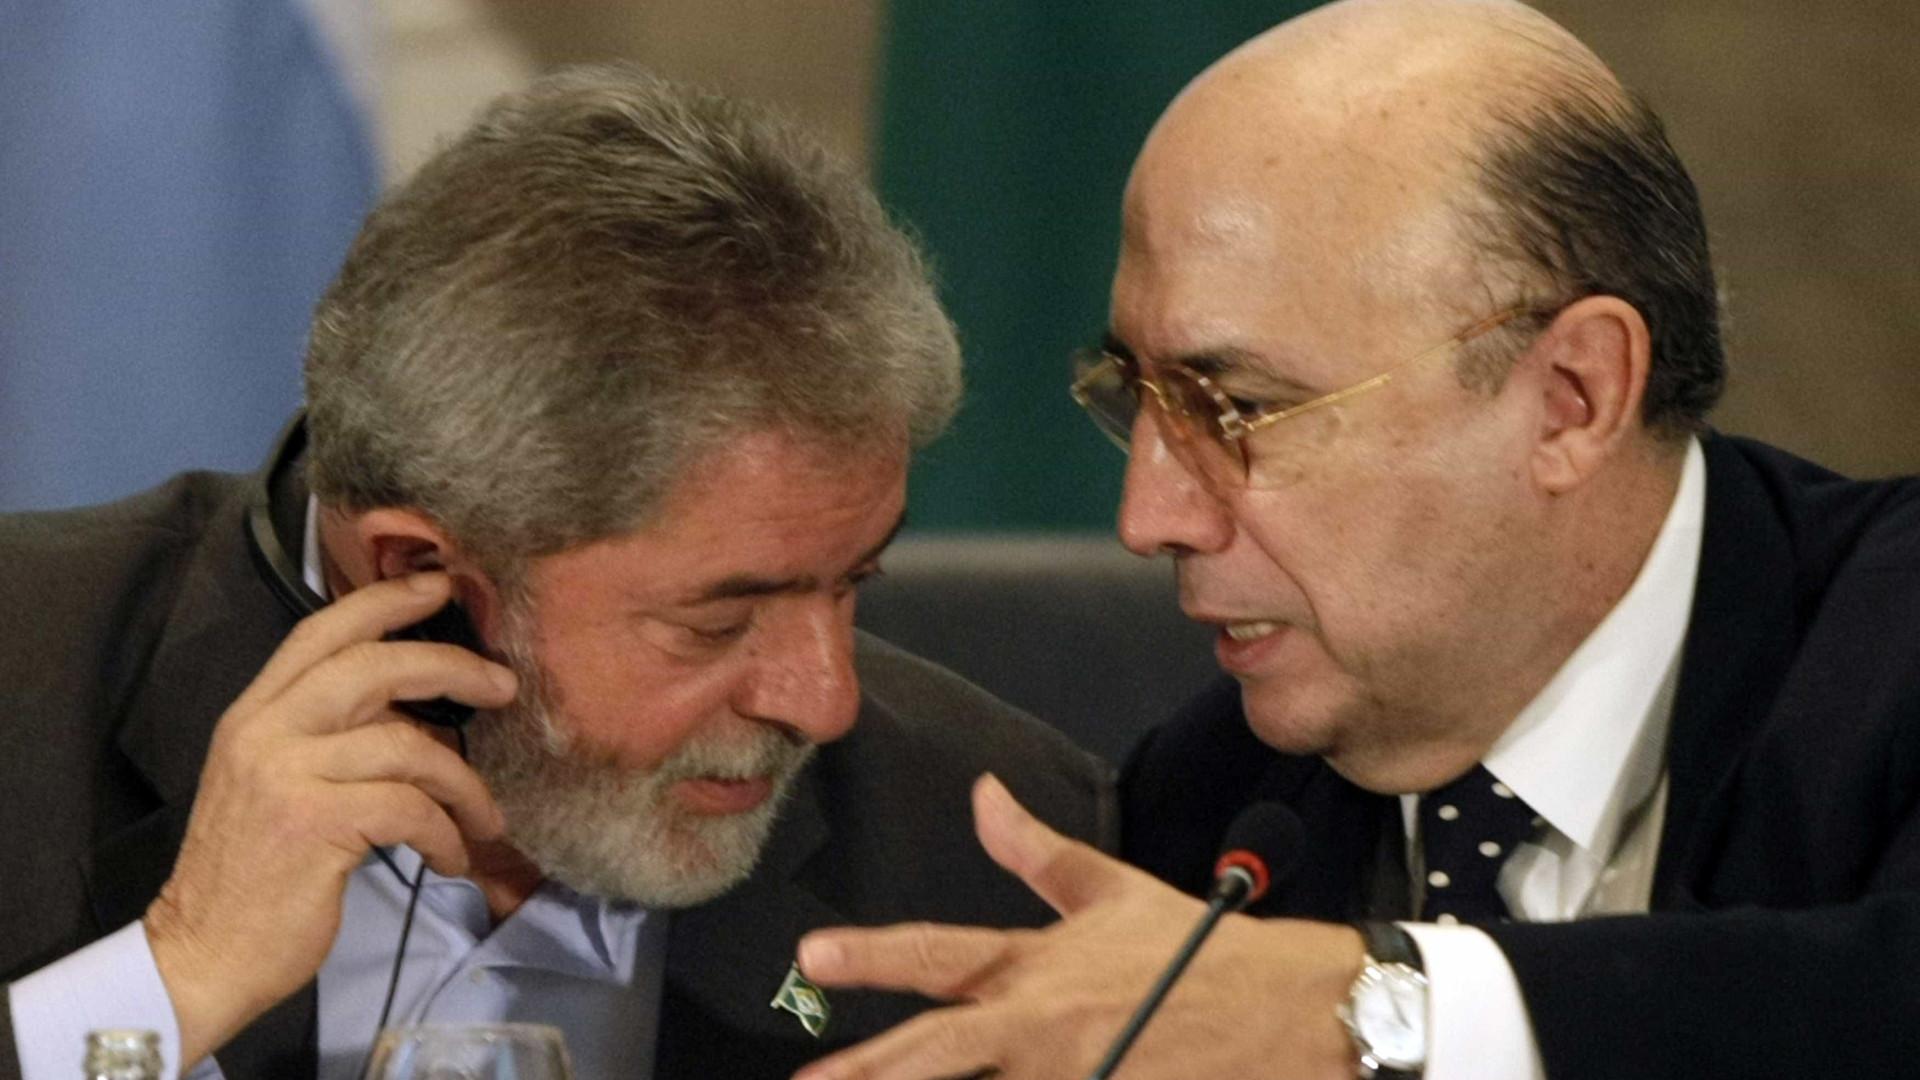 Meirelles conquista direito de exibir imagem de Lula em campanha